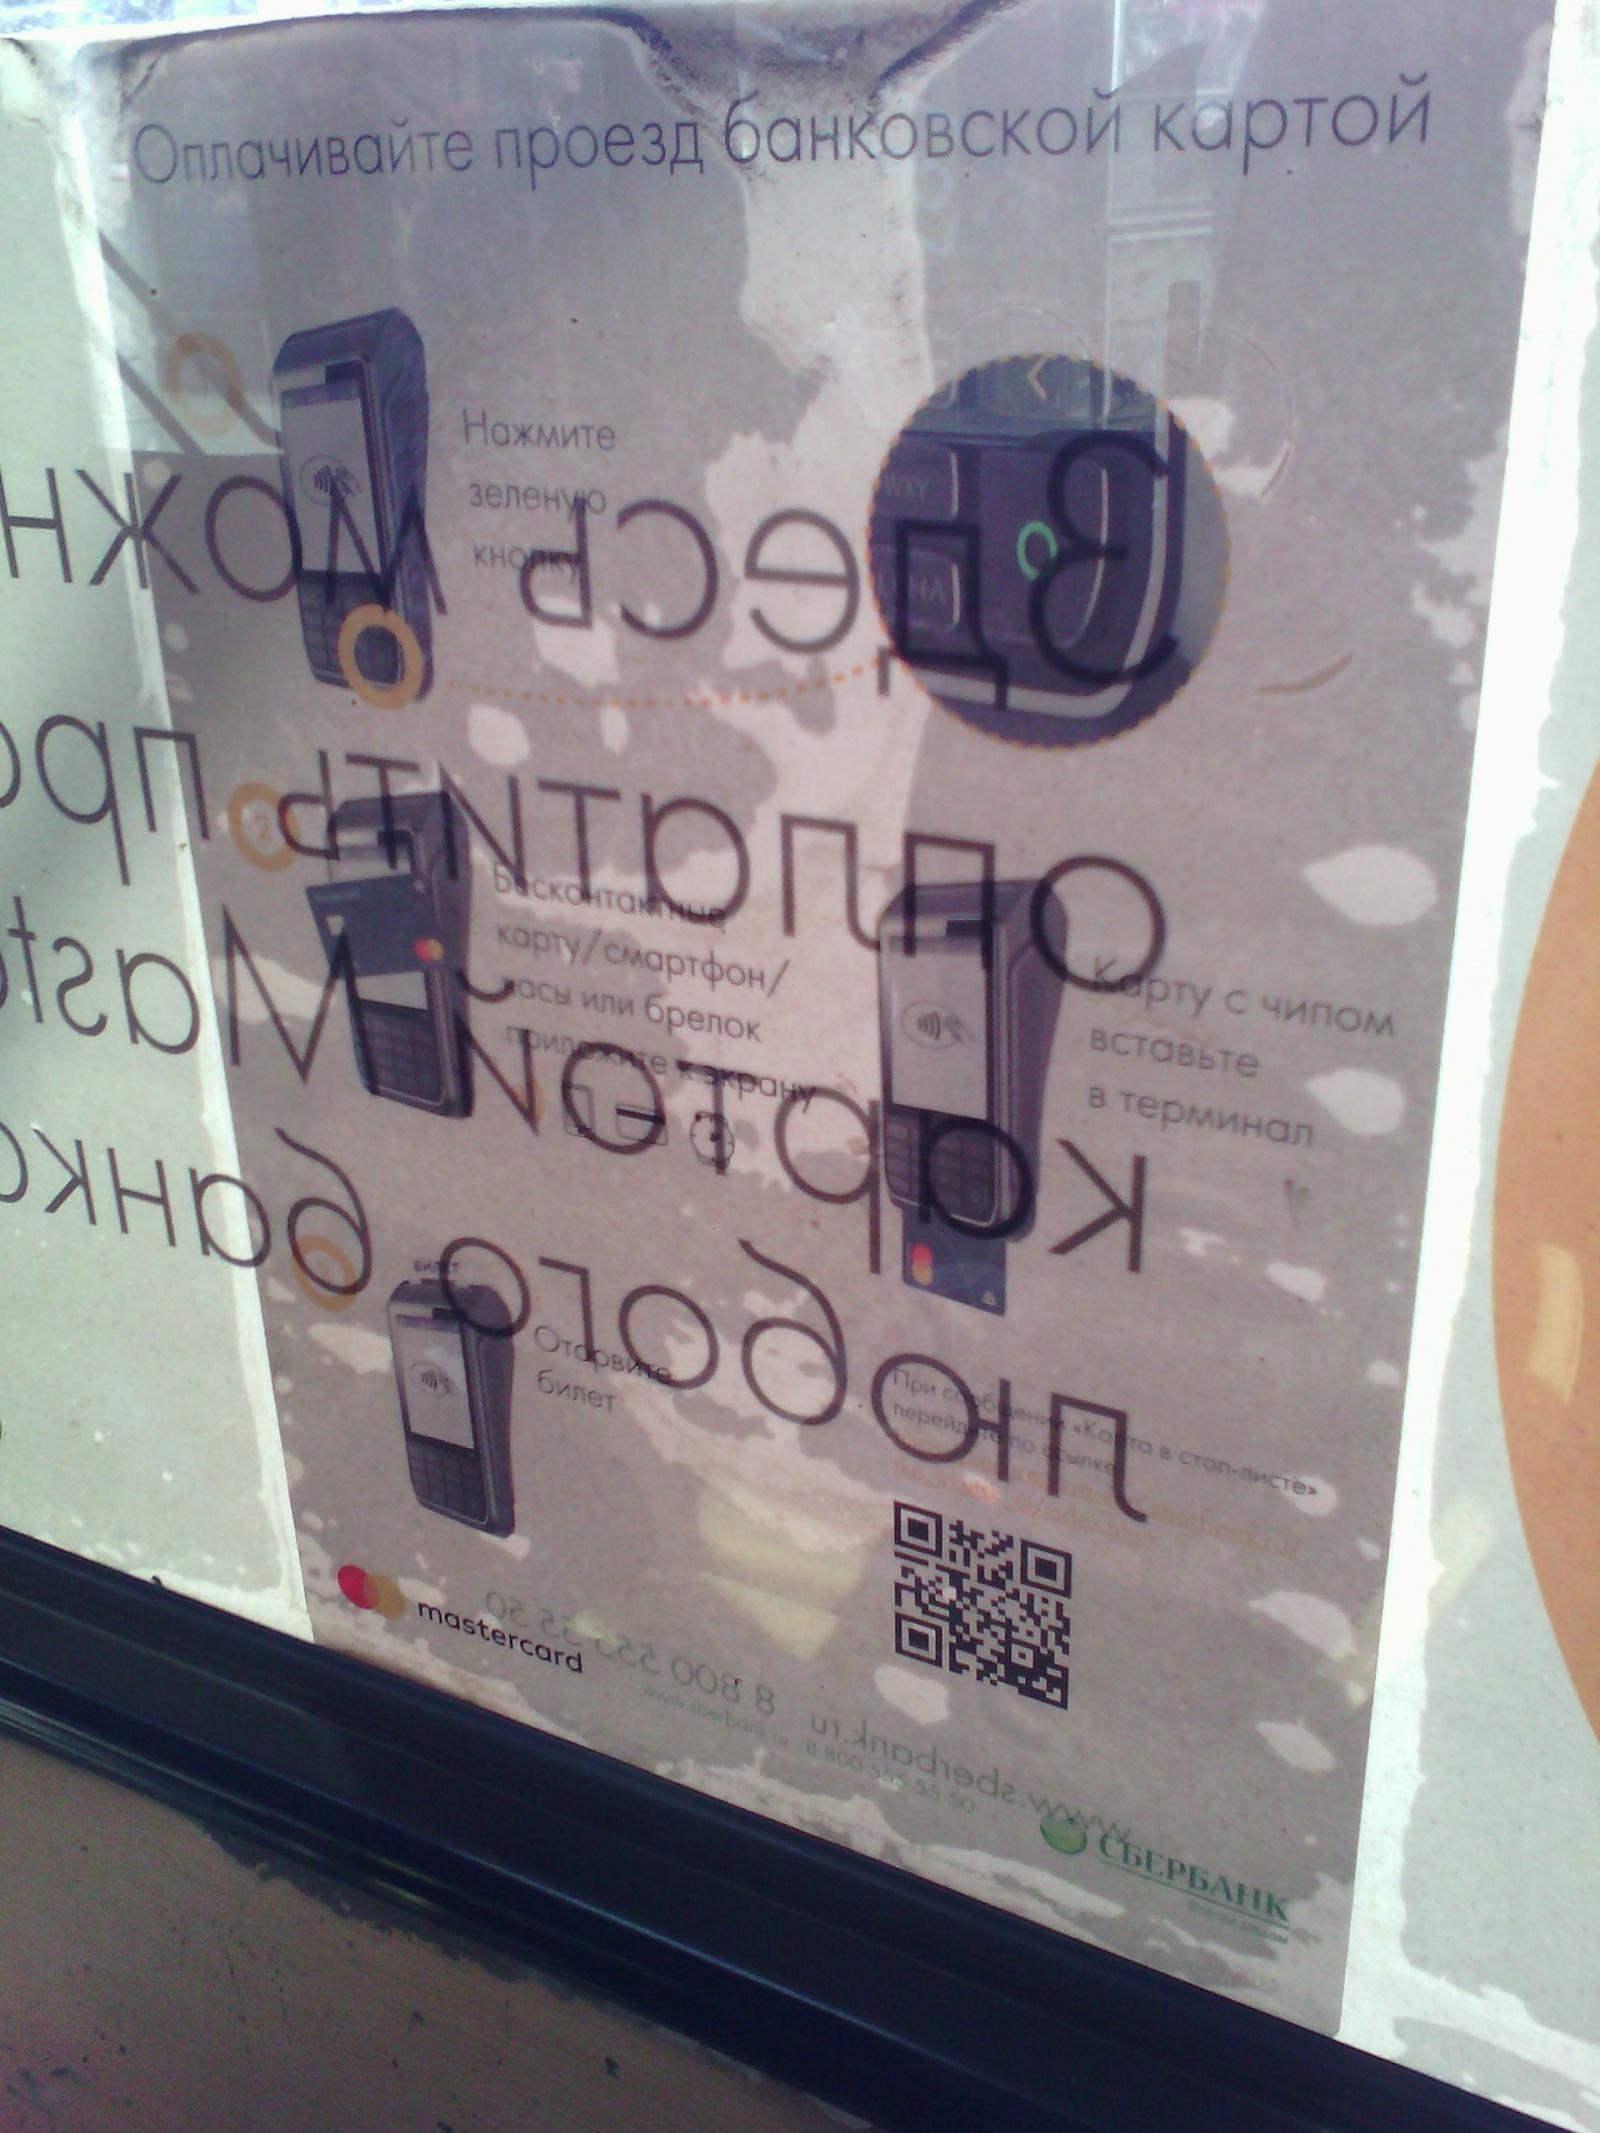 В Иркутске запустили безналичную оплату проезда в городском транспорте - 3